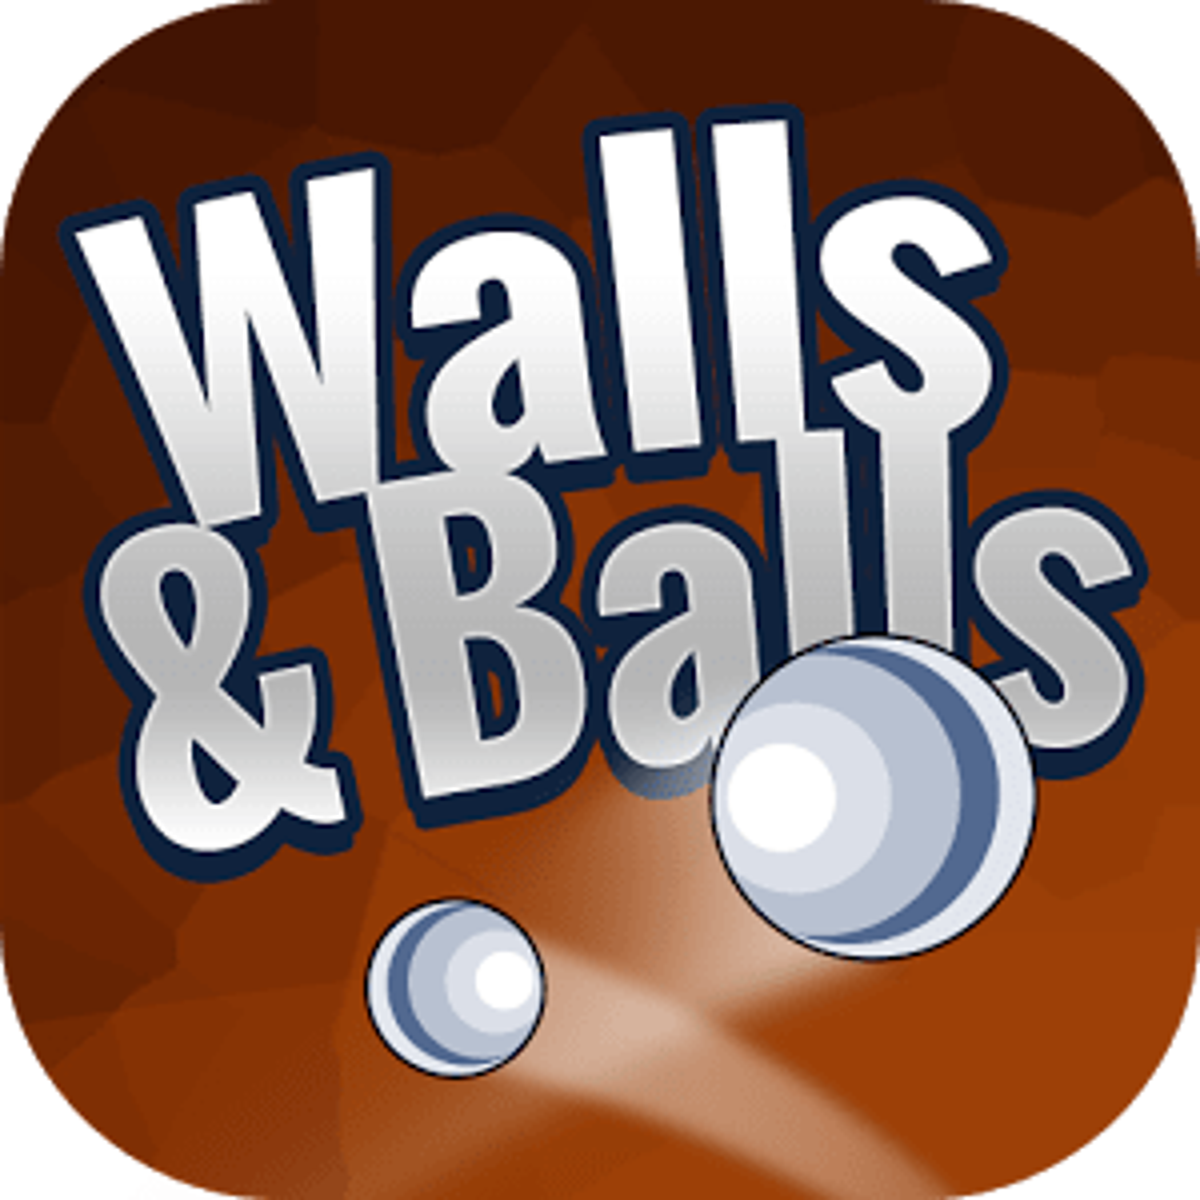 Walls y Balls